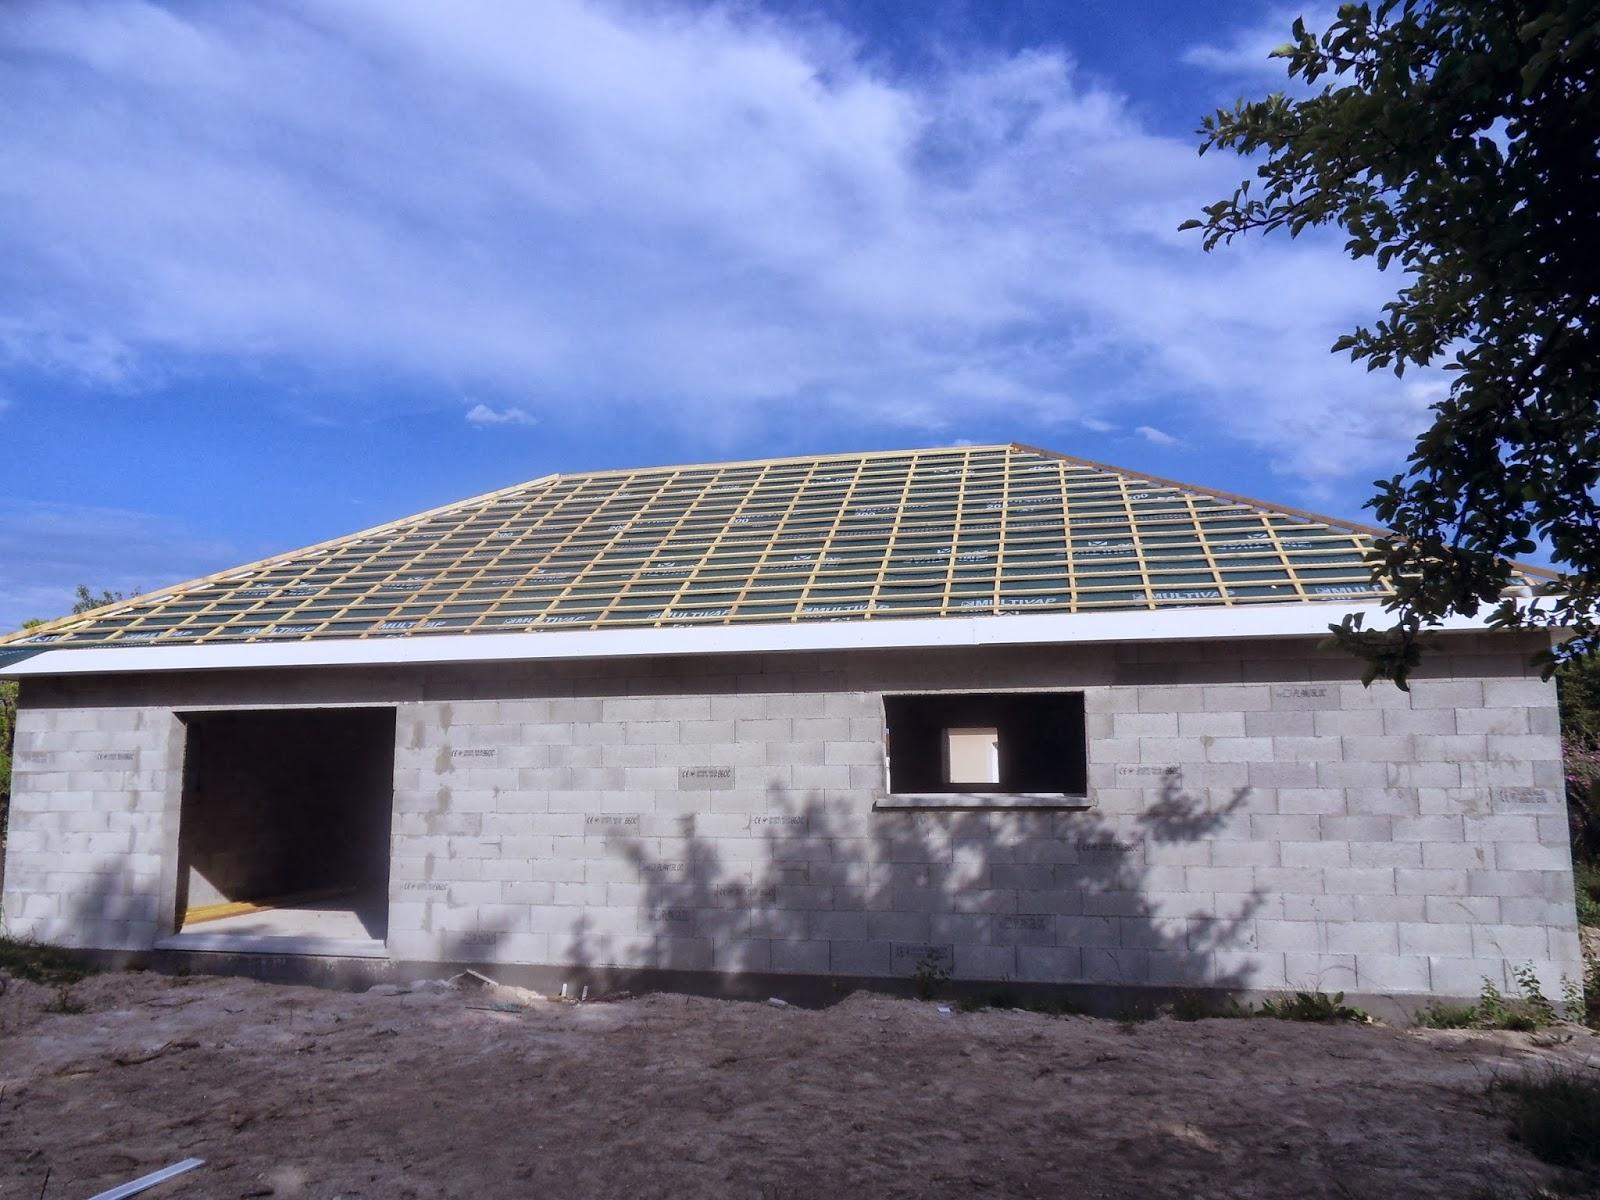 Suite toit avis babeau seguin blog de la construction for De la maison avis